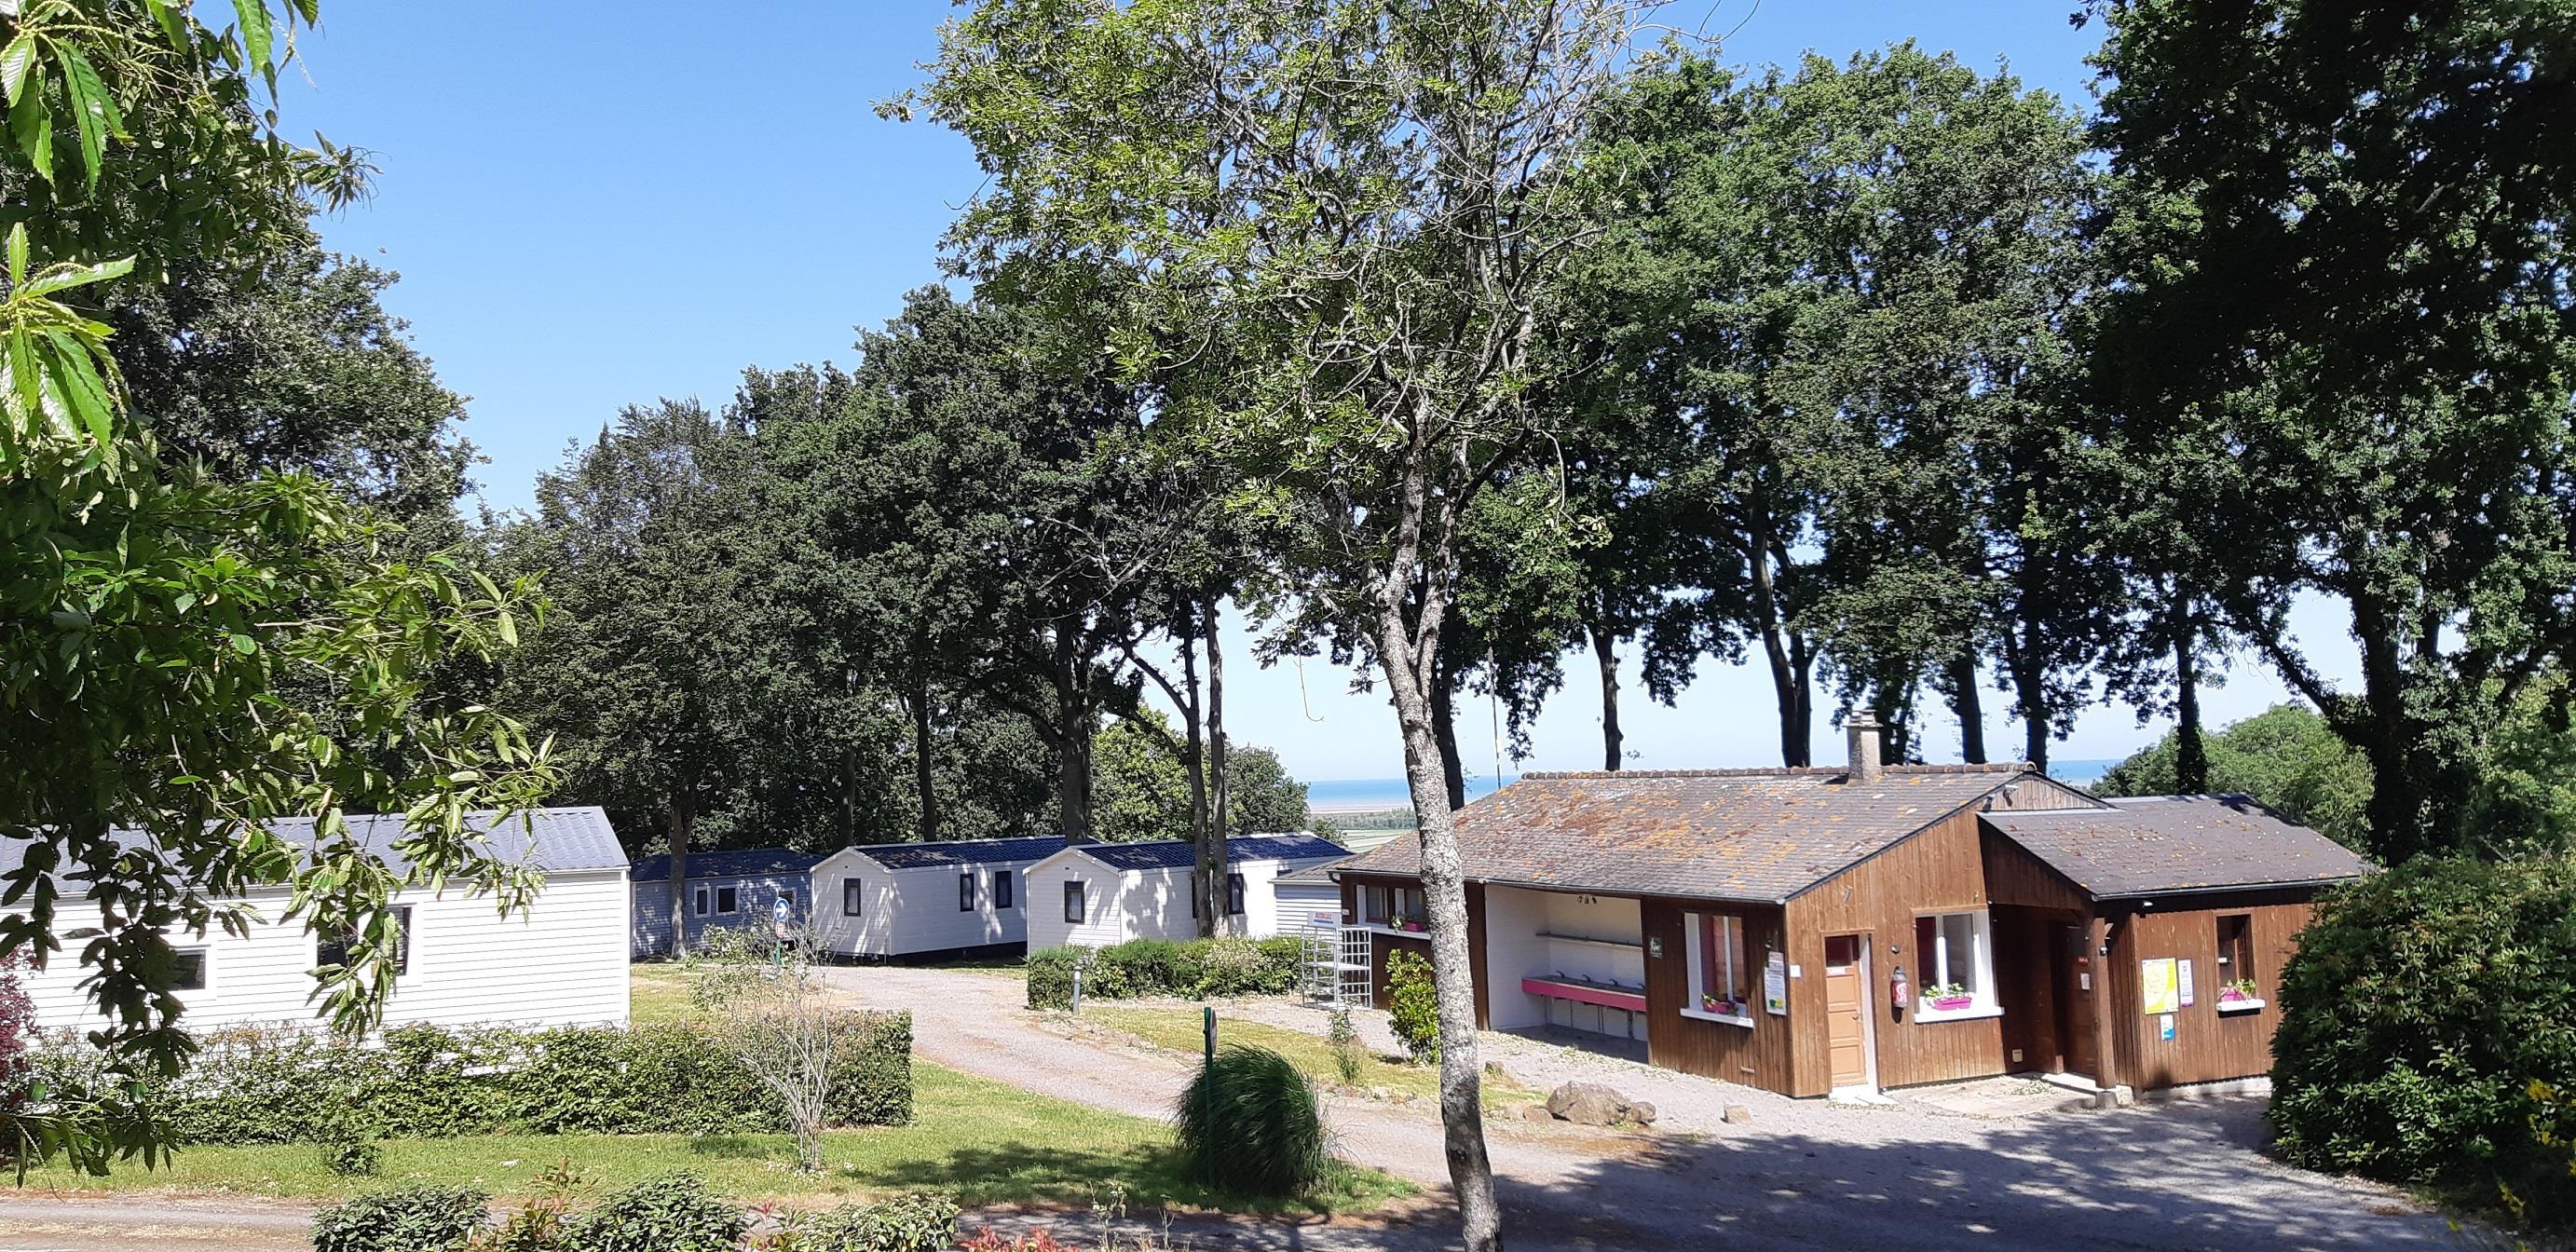 Camping le Balcon de La Baie, Saint-Marcan, Ille-et-Vilaine